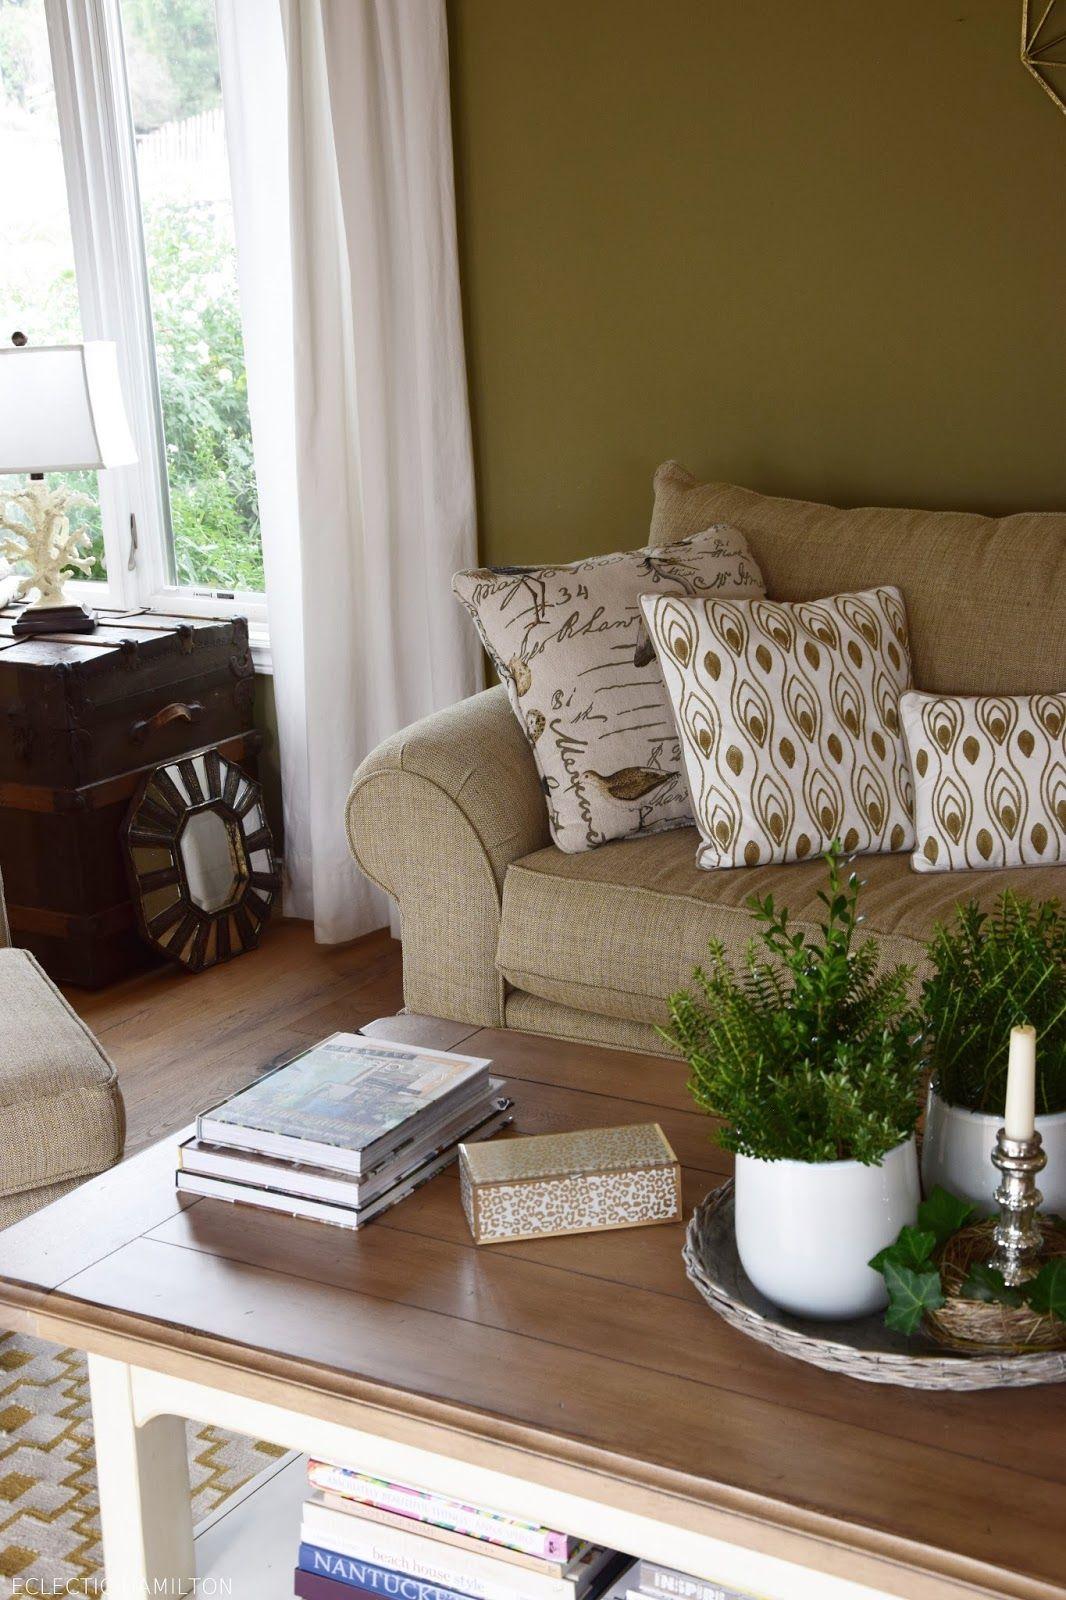 deko fur wohnzimmertisch, schnelle immergrüne deko für den wohnzimmertisch | wohnzimmer, Design ideen